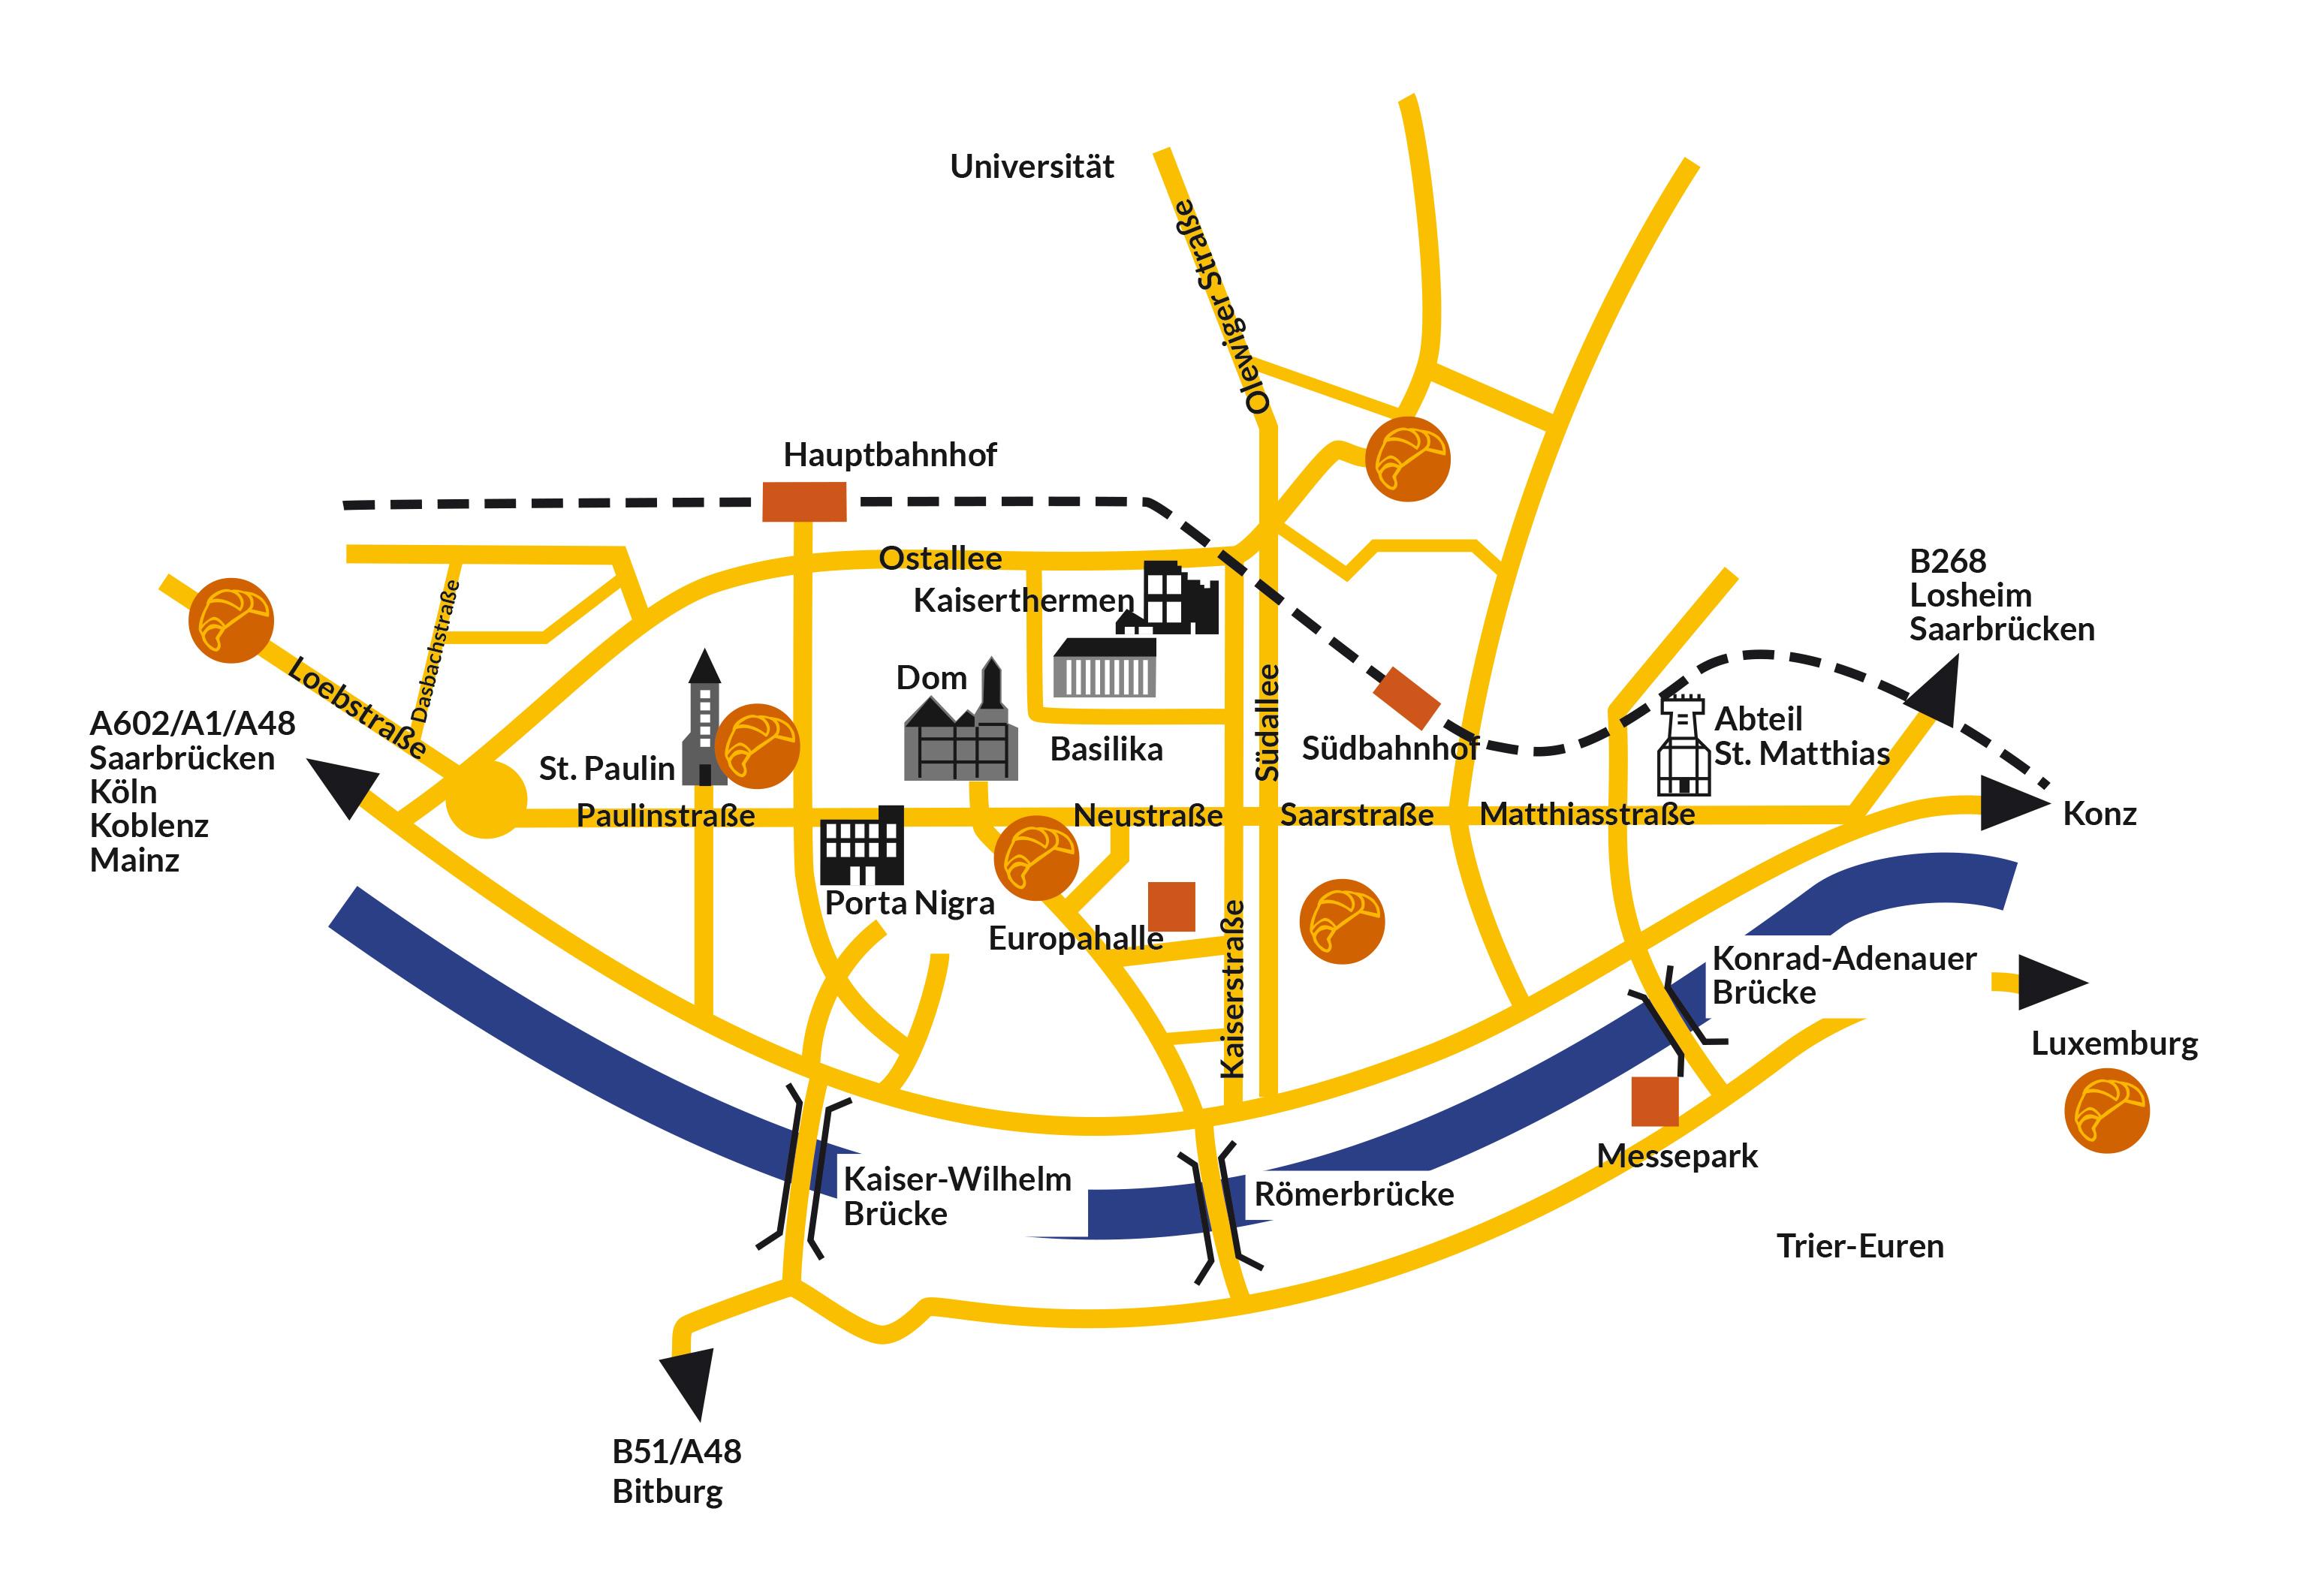 BADI_Karte_Filialen_Innenstadt_September2014